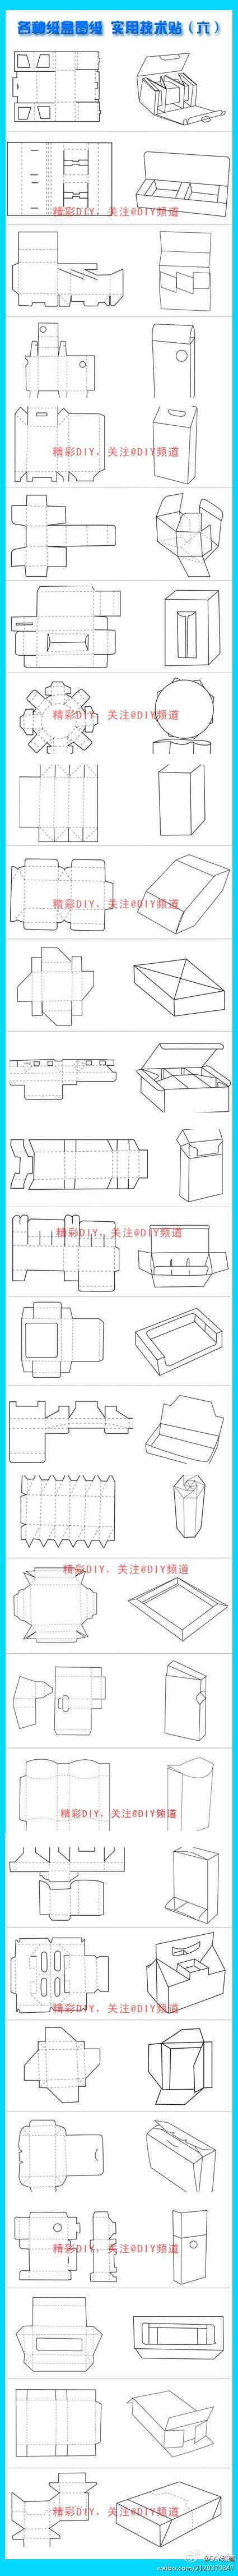 Boxe templates